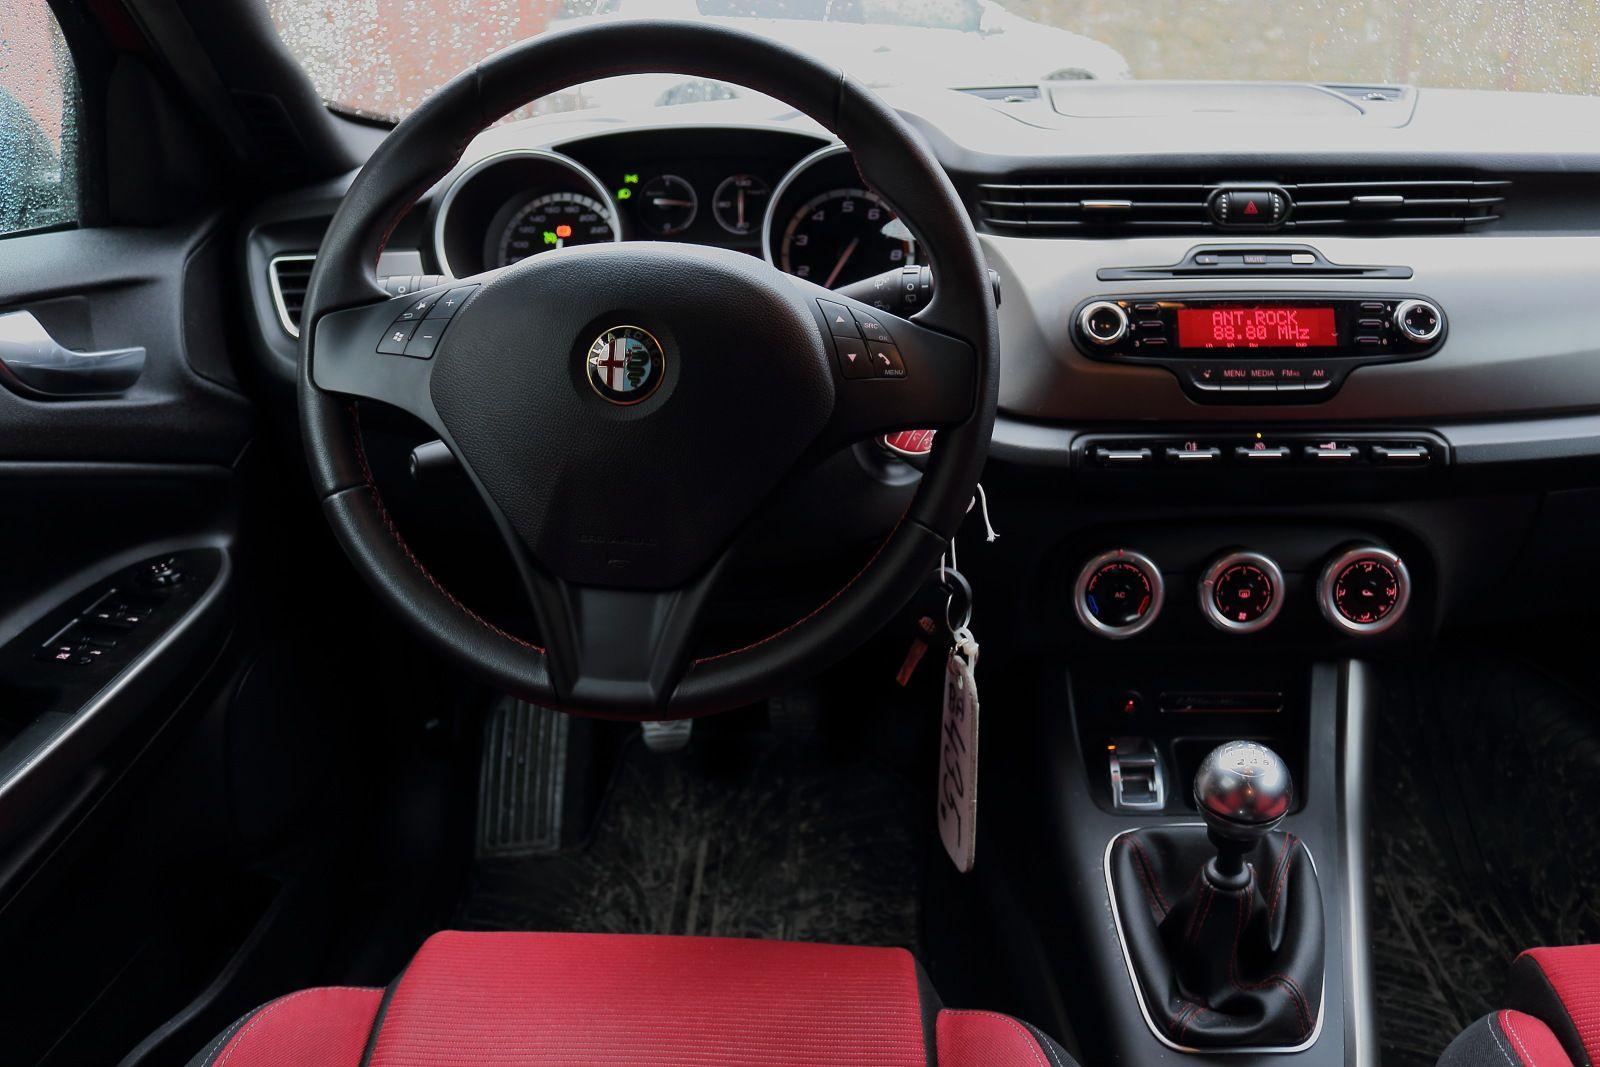 Topspeed.sk test jazdenky Alfa Romeo Giulietta